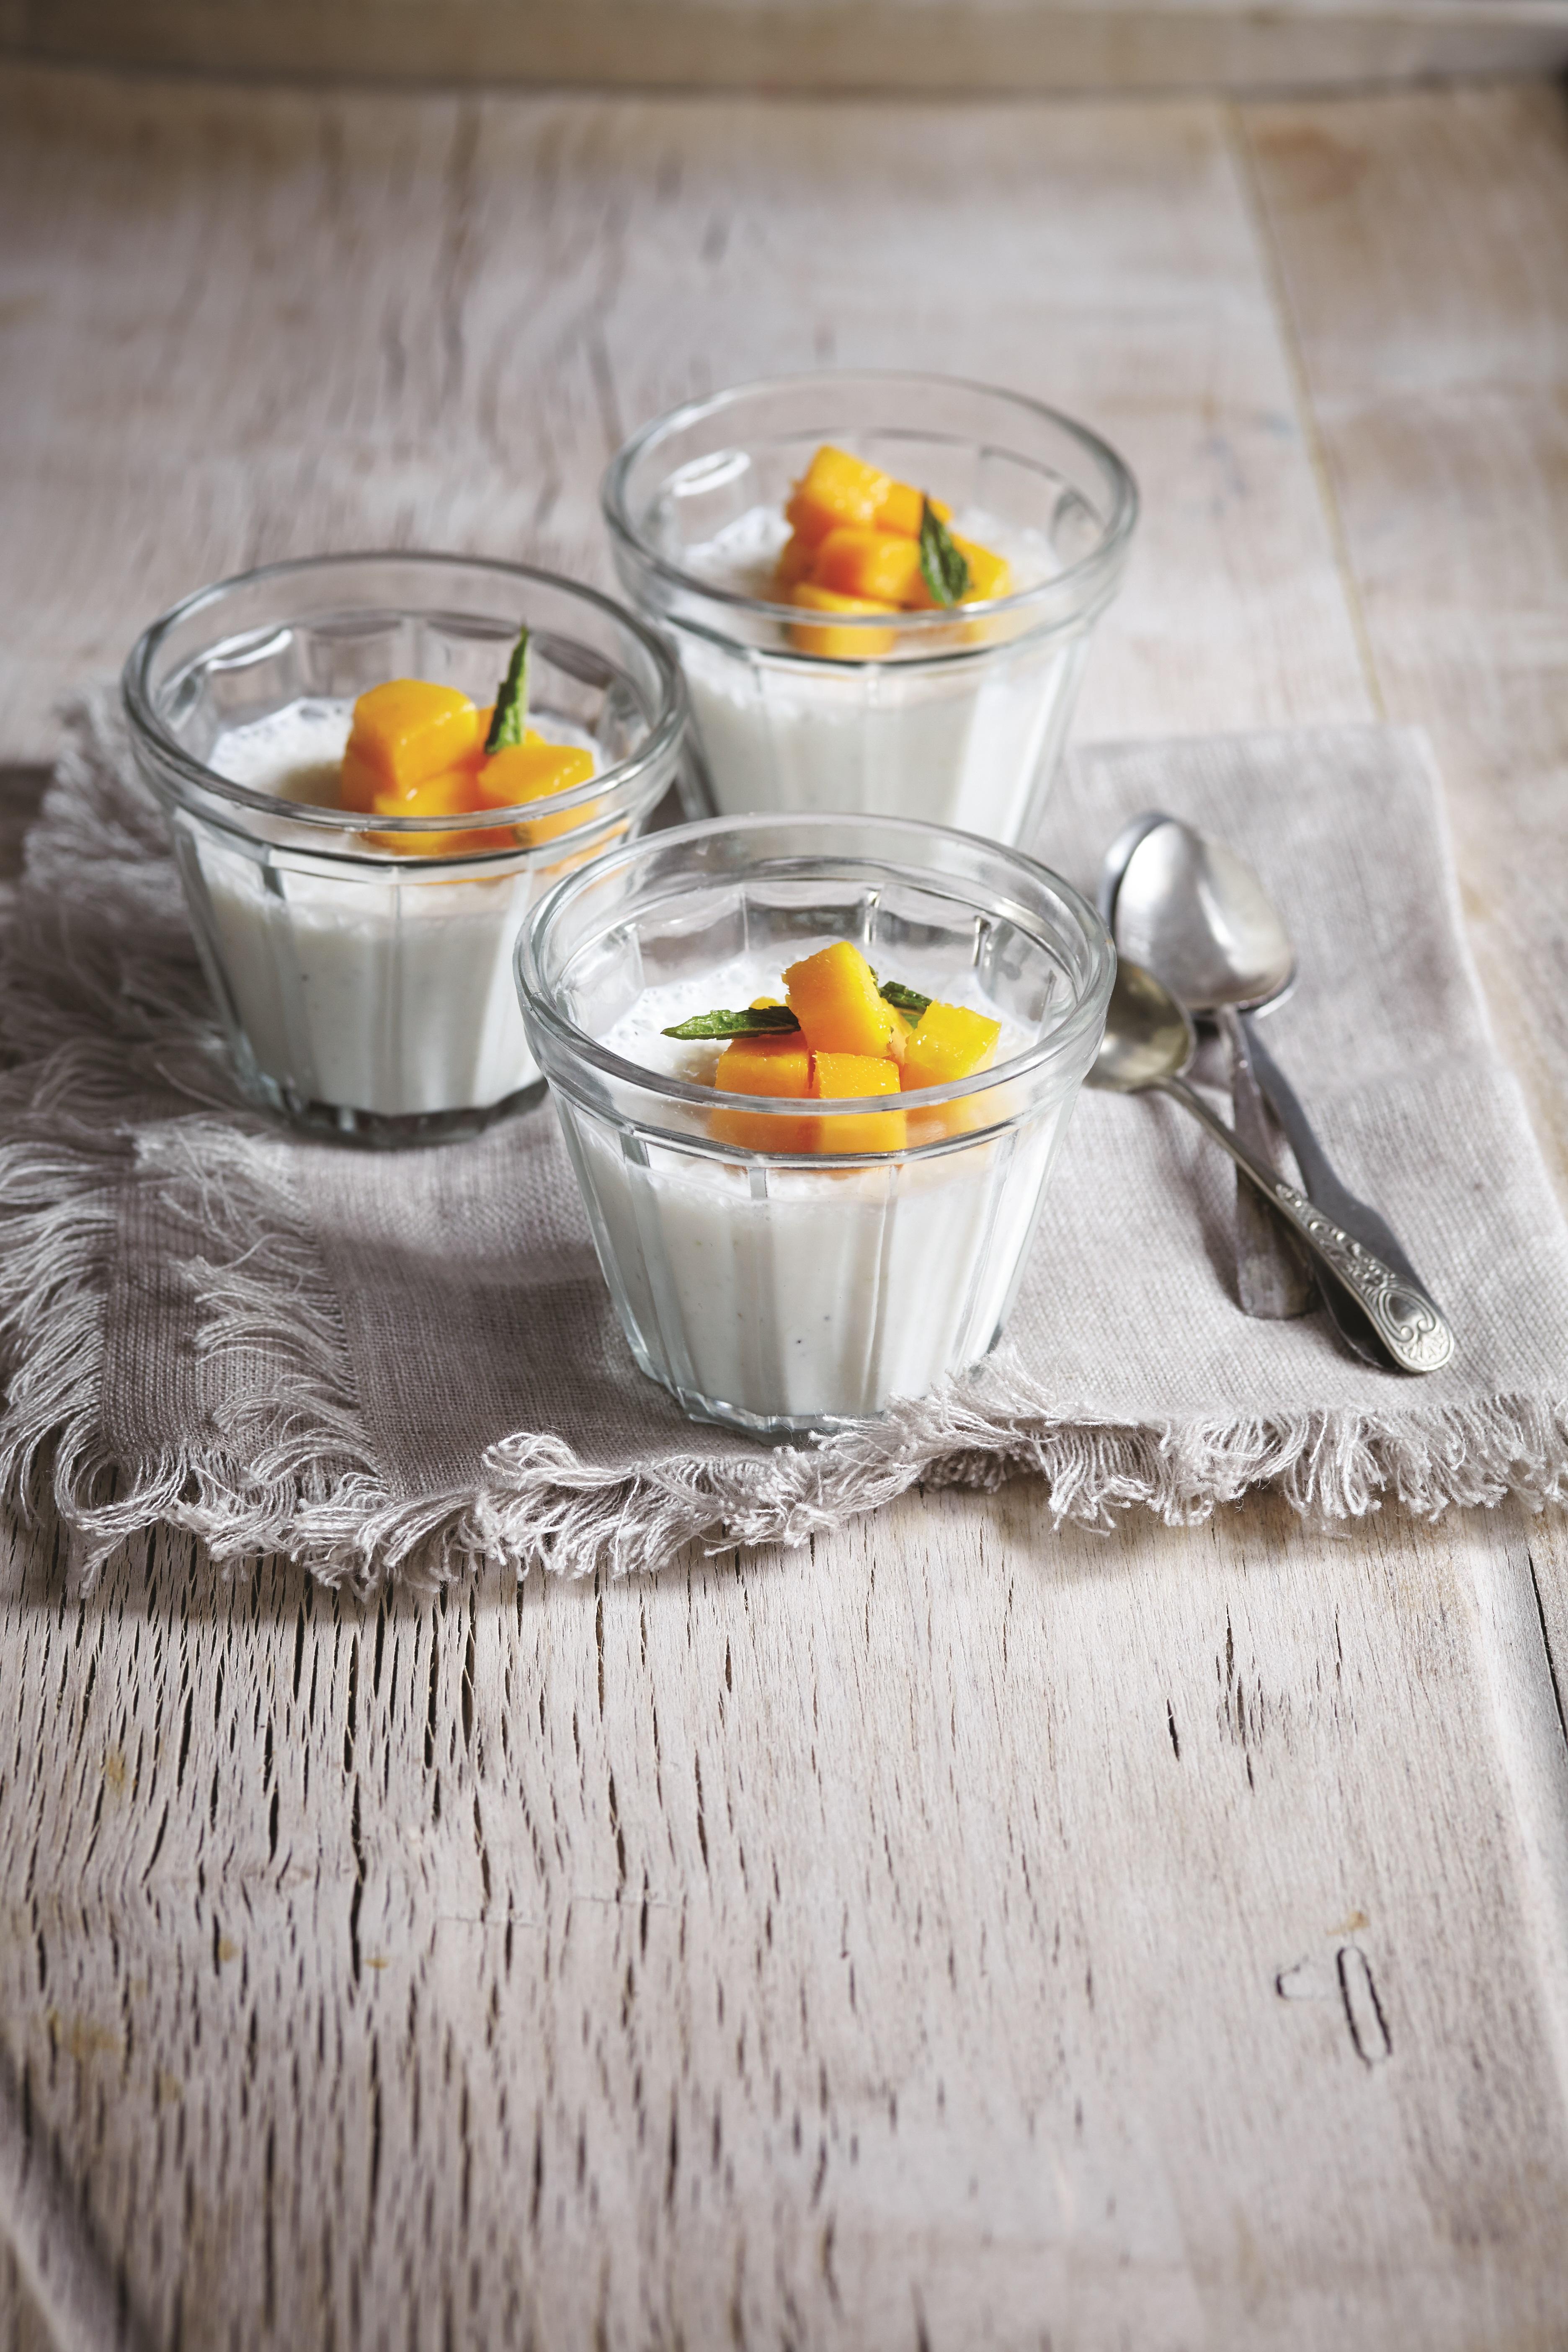 SAH_Dessert_Mango_Lassi_Pannacotta